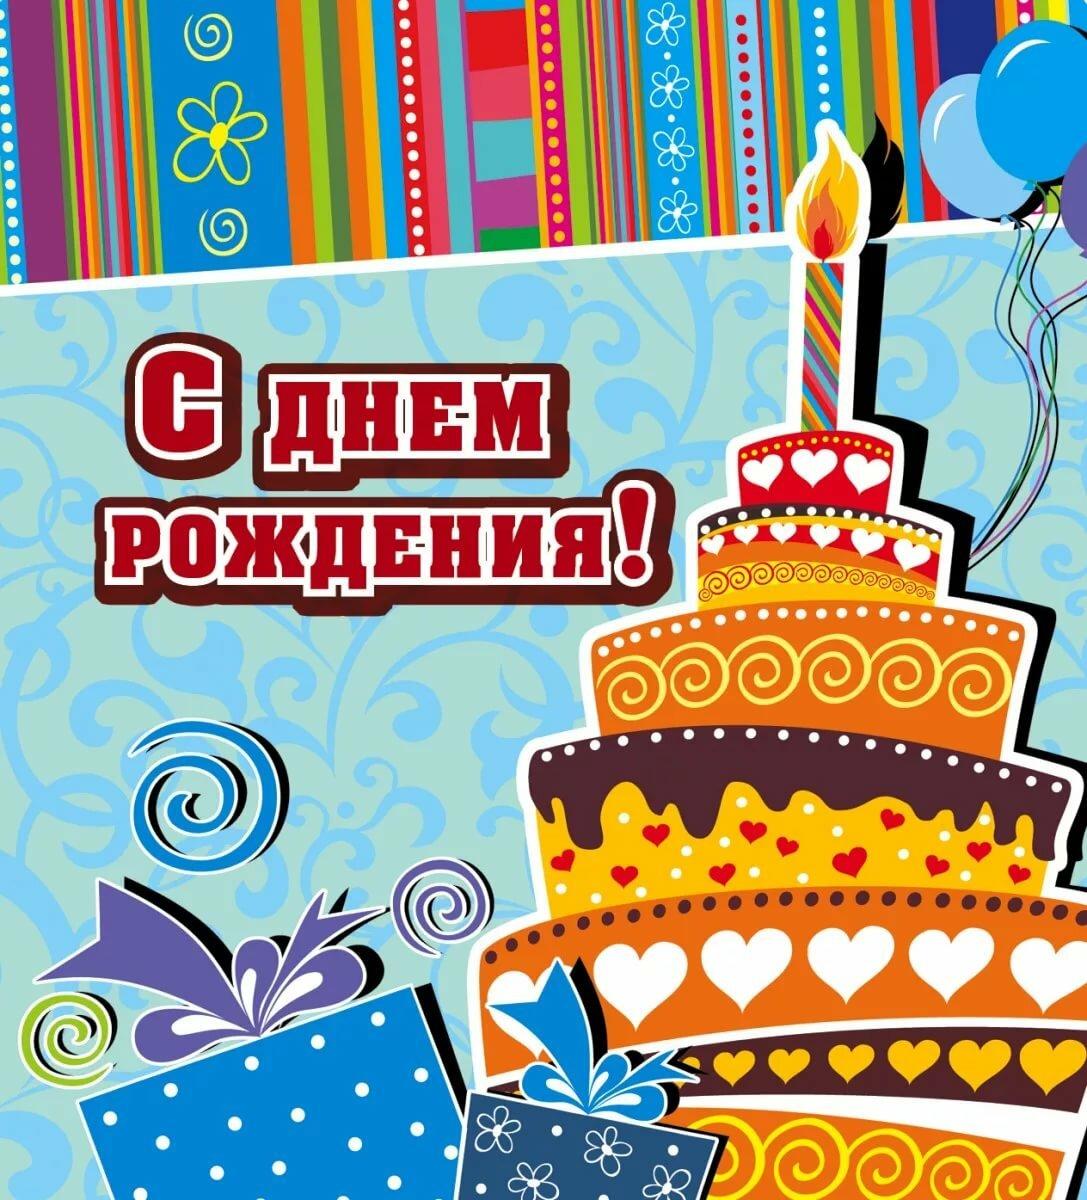 рисунок для открытки с днем рождения мужчине